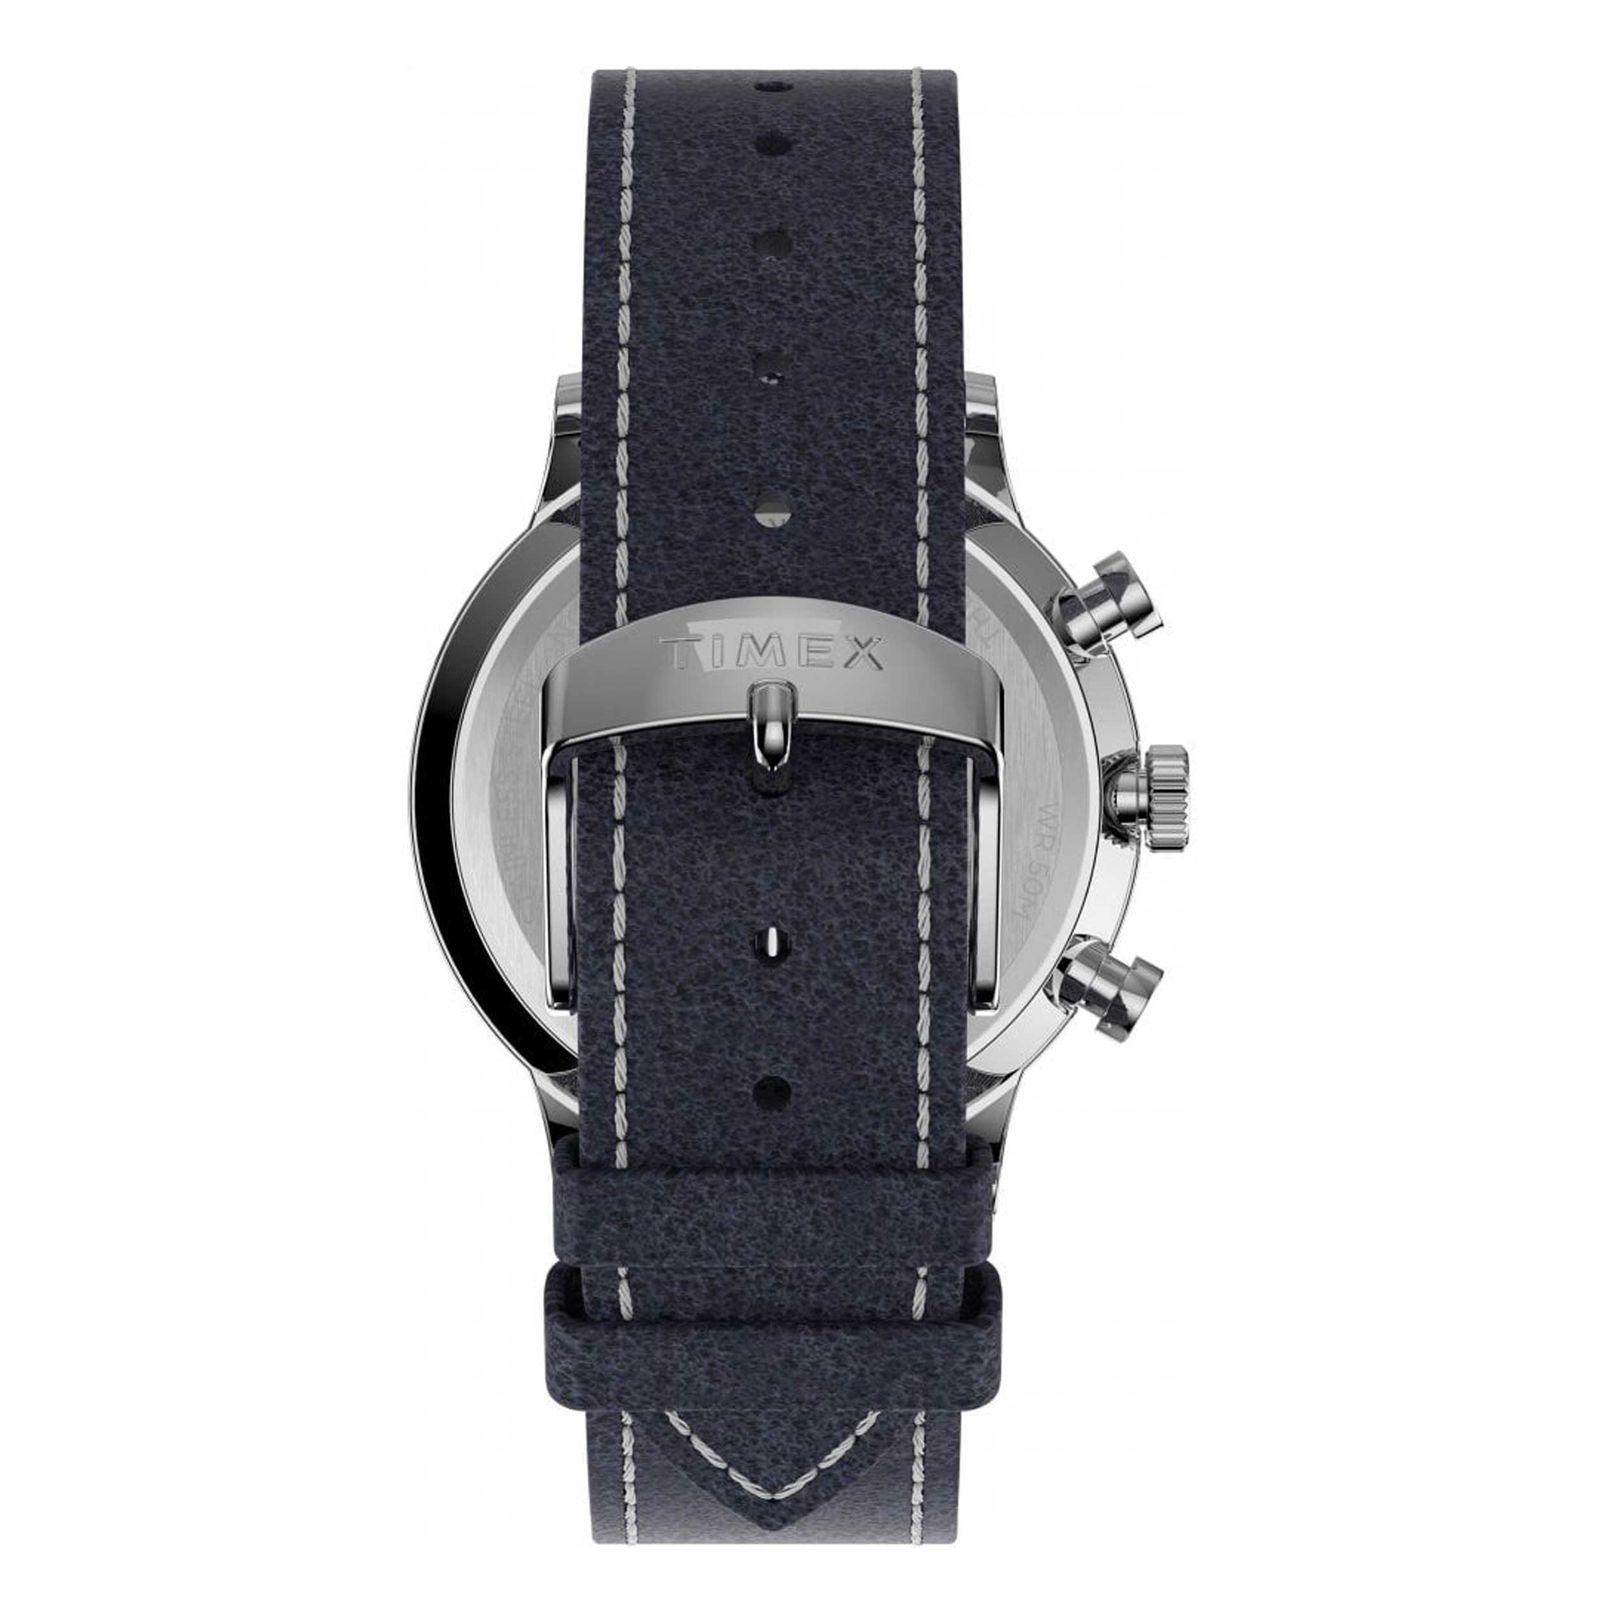 ساعت مچی عقربه ای مردانه تایمکس مدل TW2T71300 -  - 2